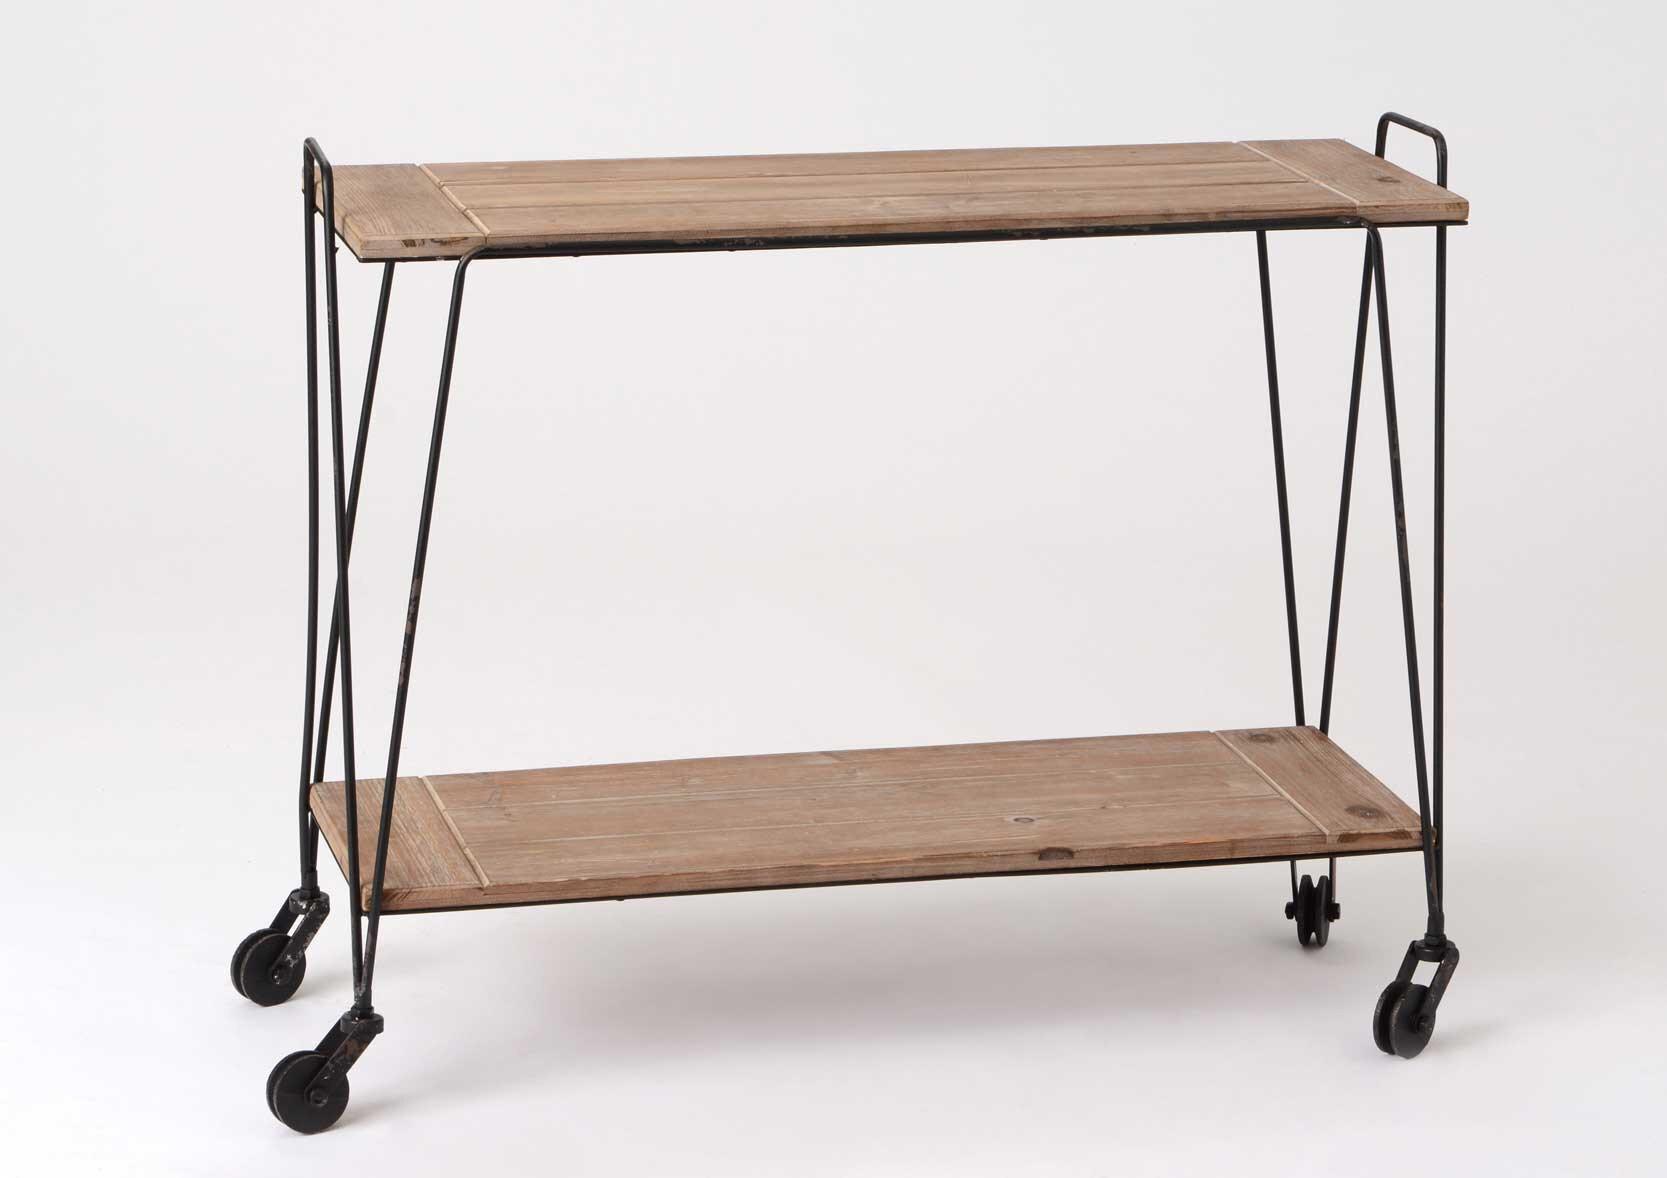 meubles industriels chez amadeus meubles et d coration. Black Bedroom Furniture Sets. Home Design Ideas